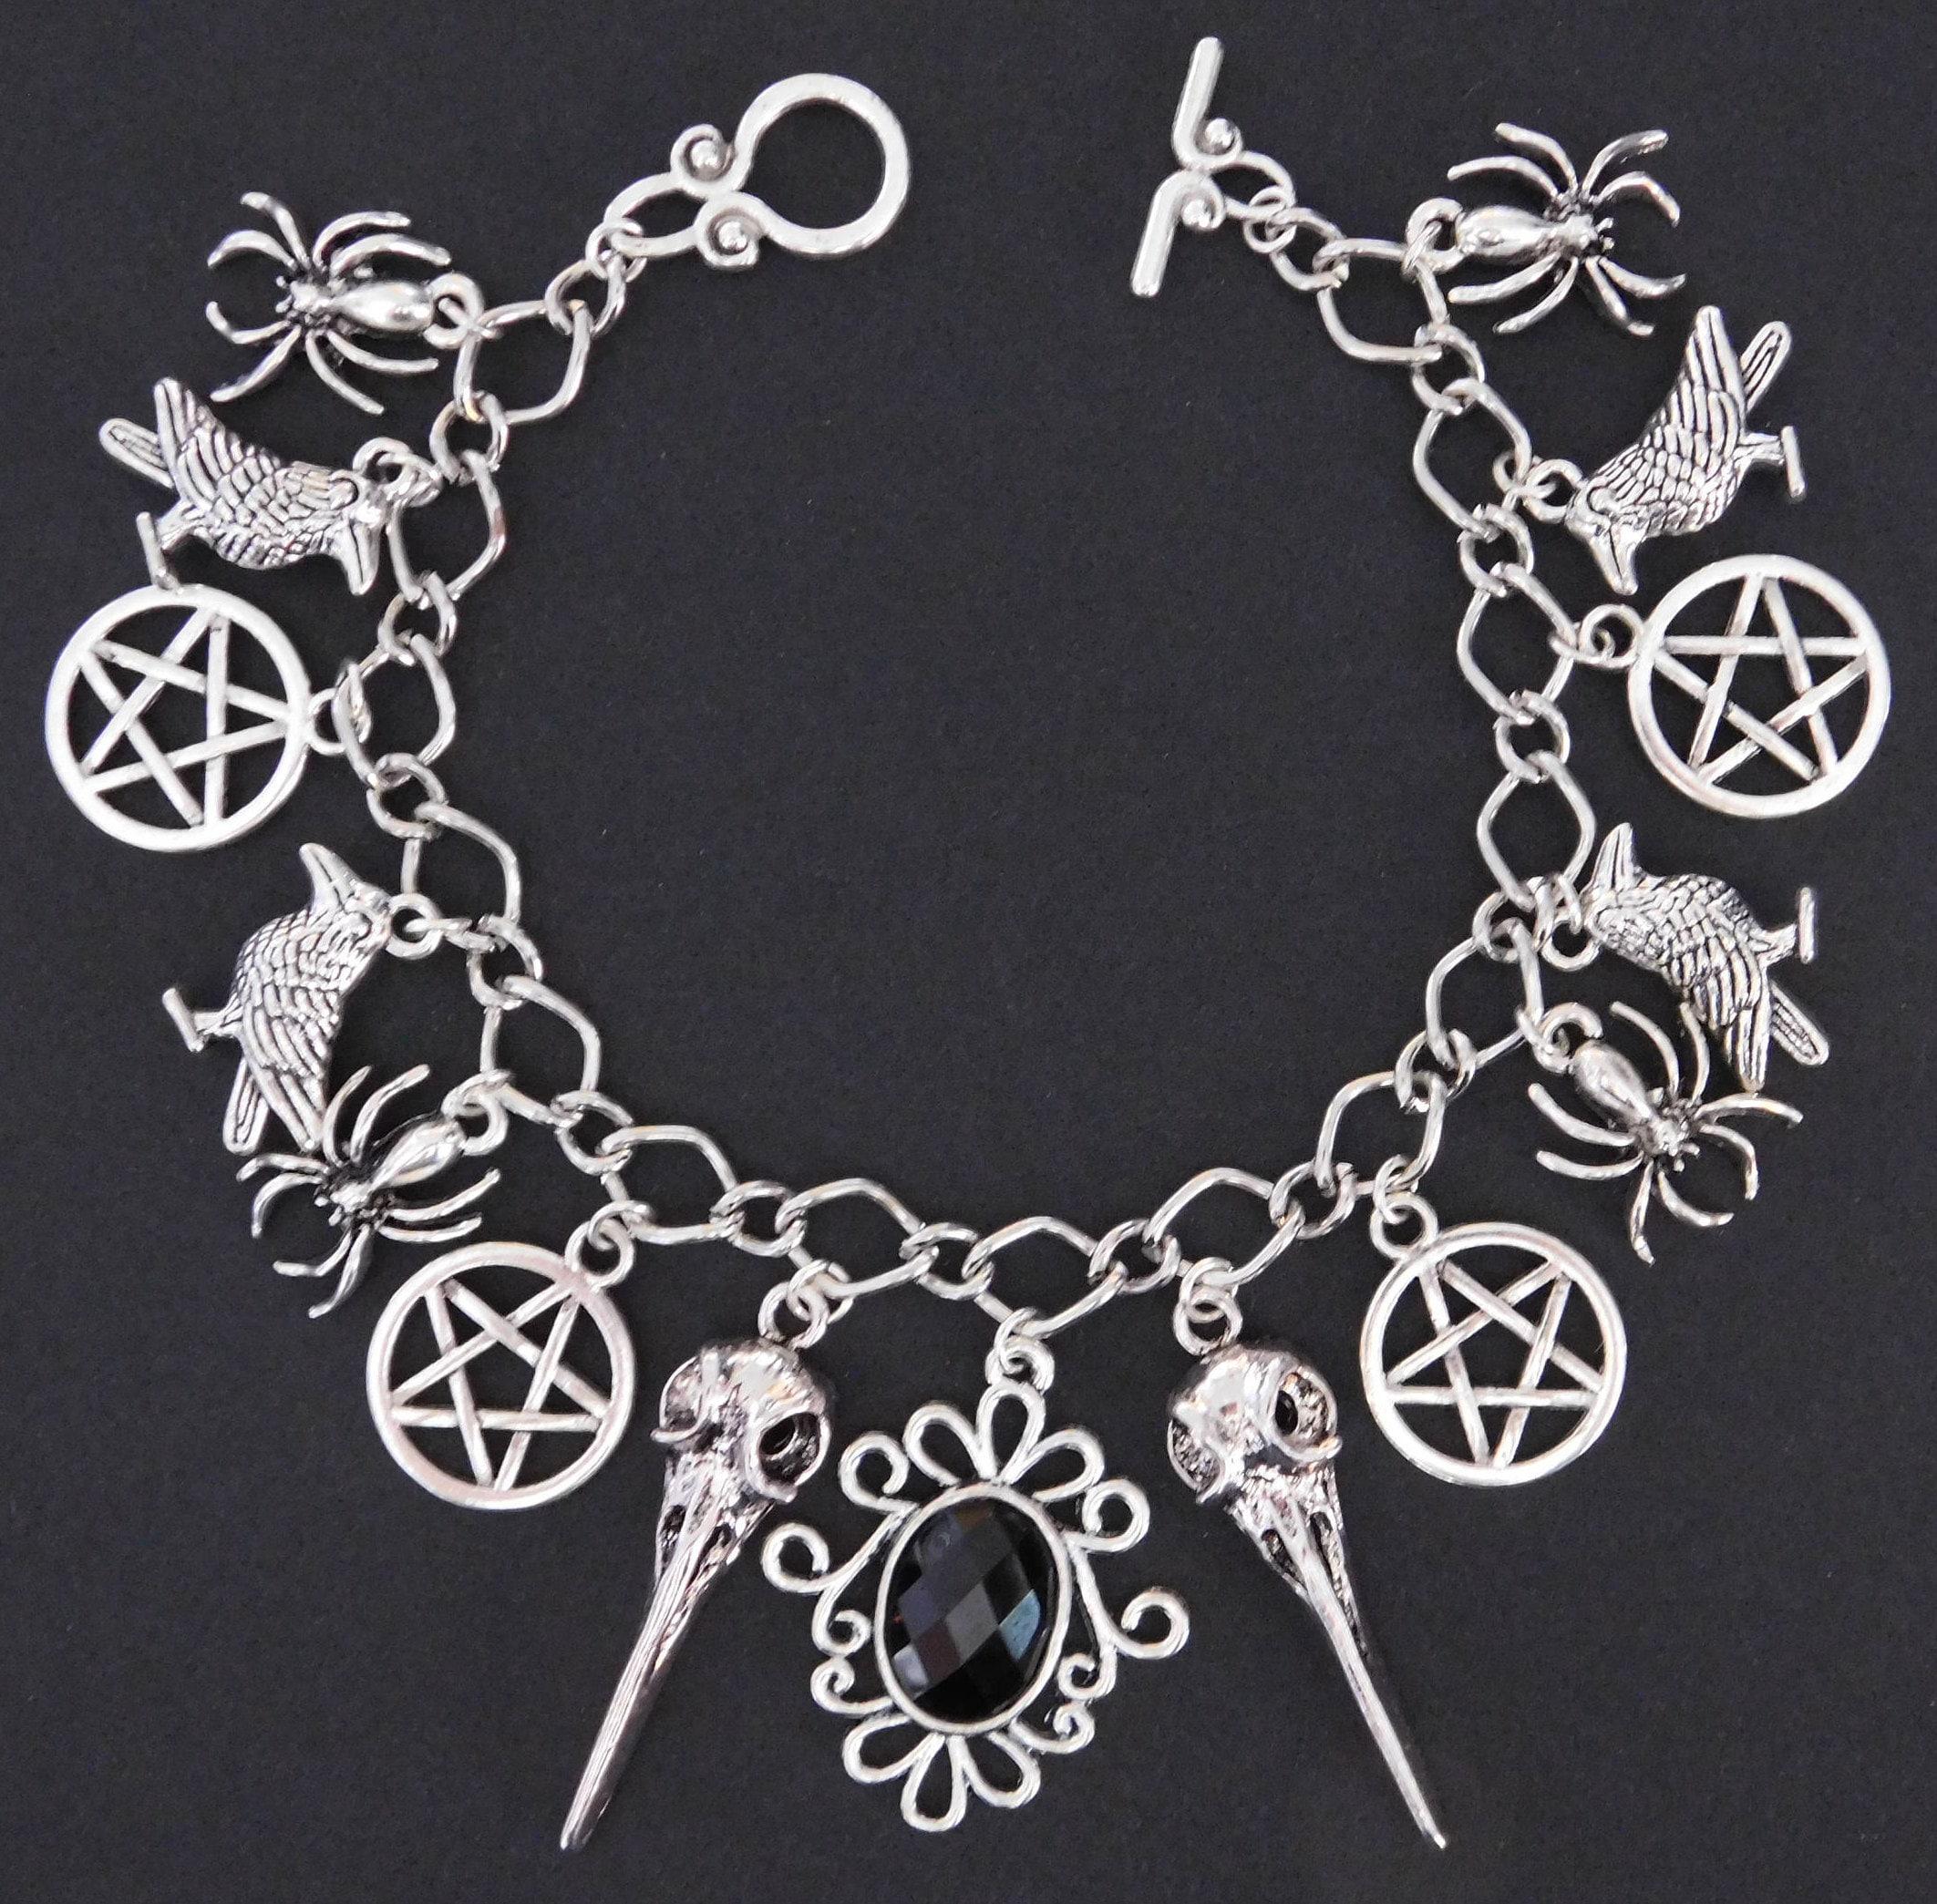 Raven Skull Bird Pentagram Spider Charm Bracelet Gothic